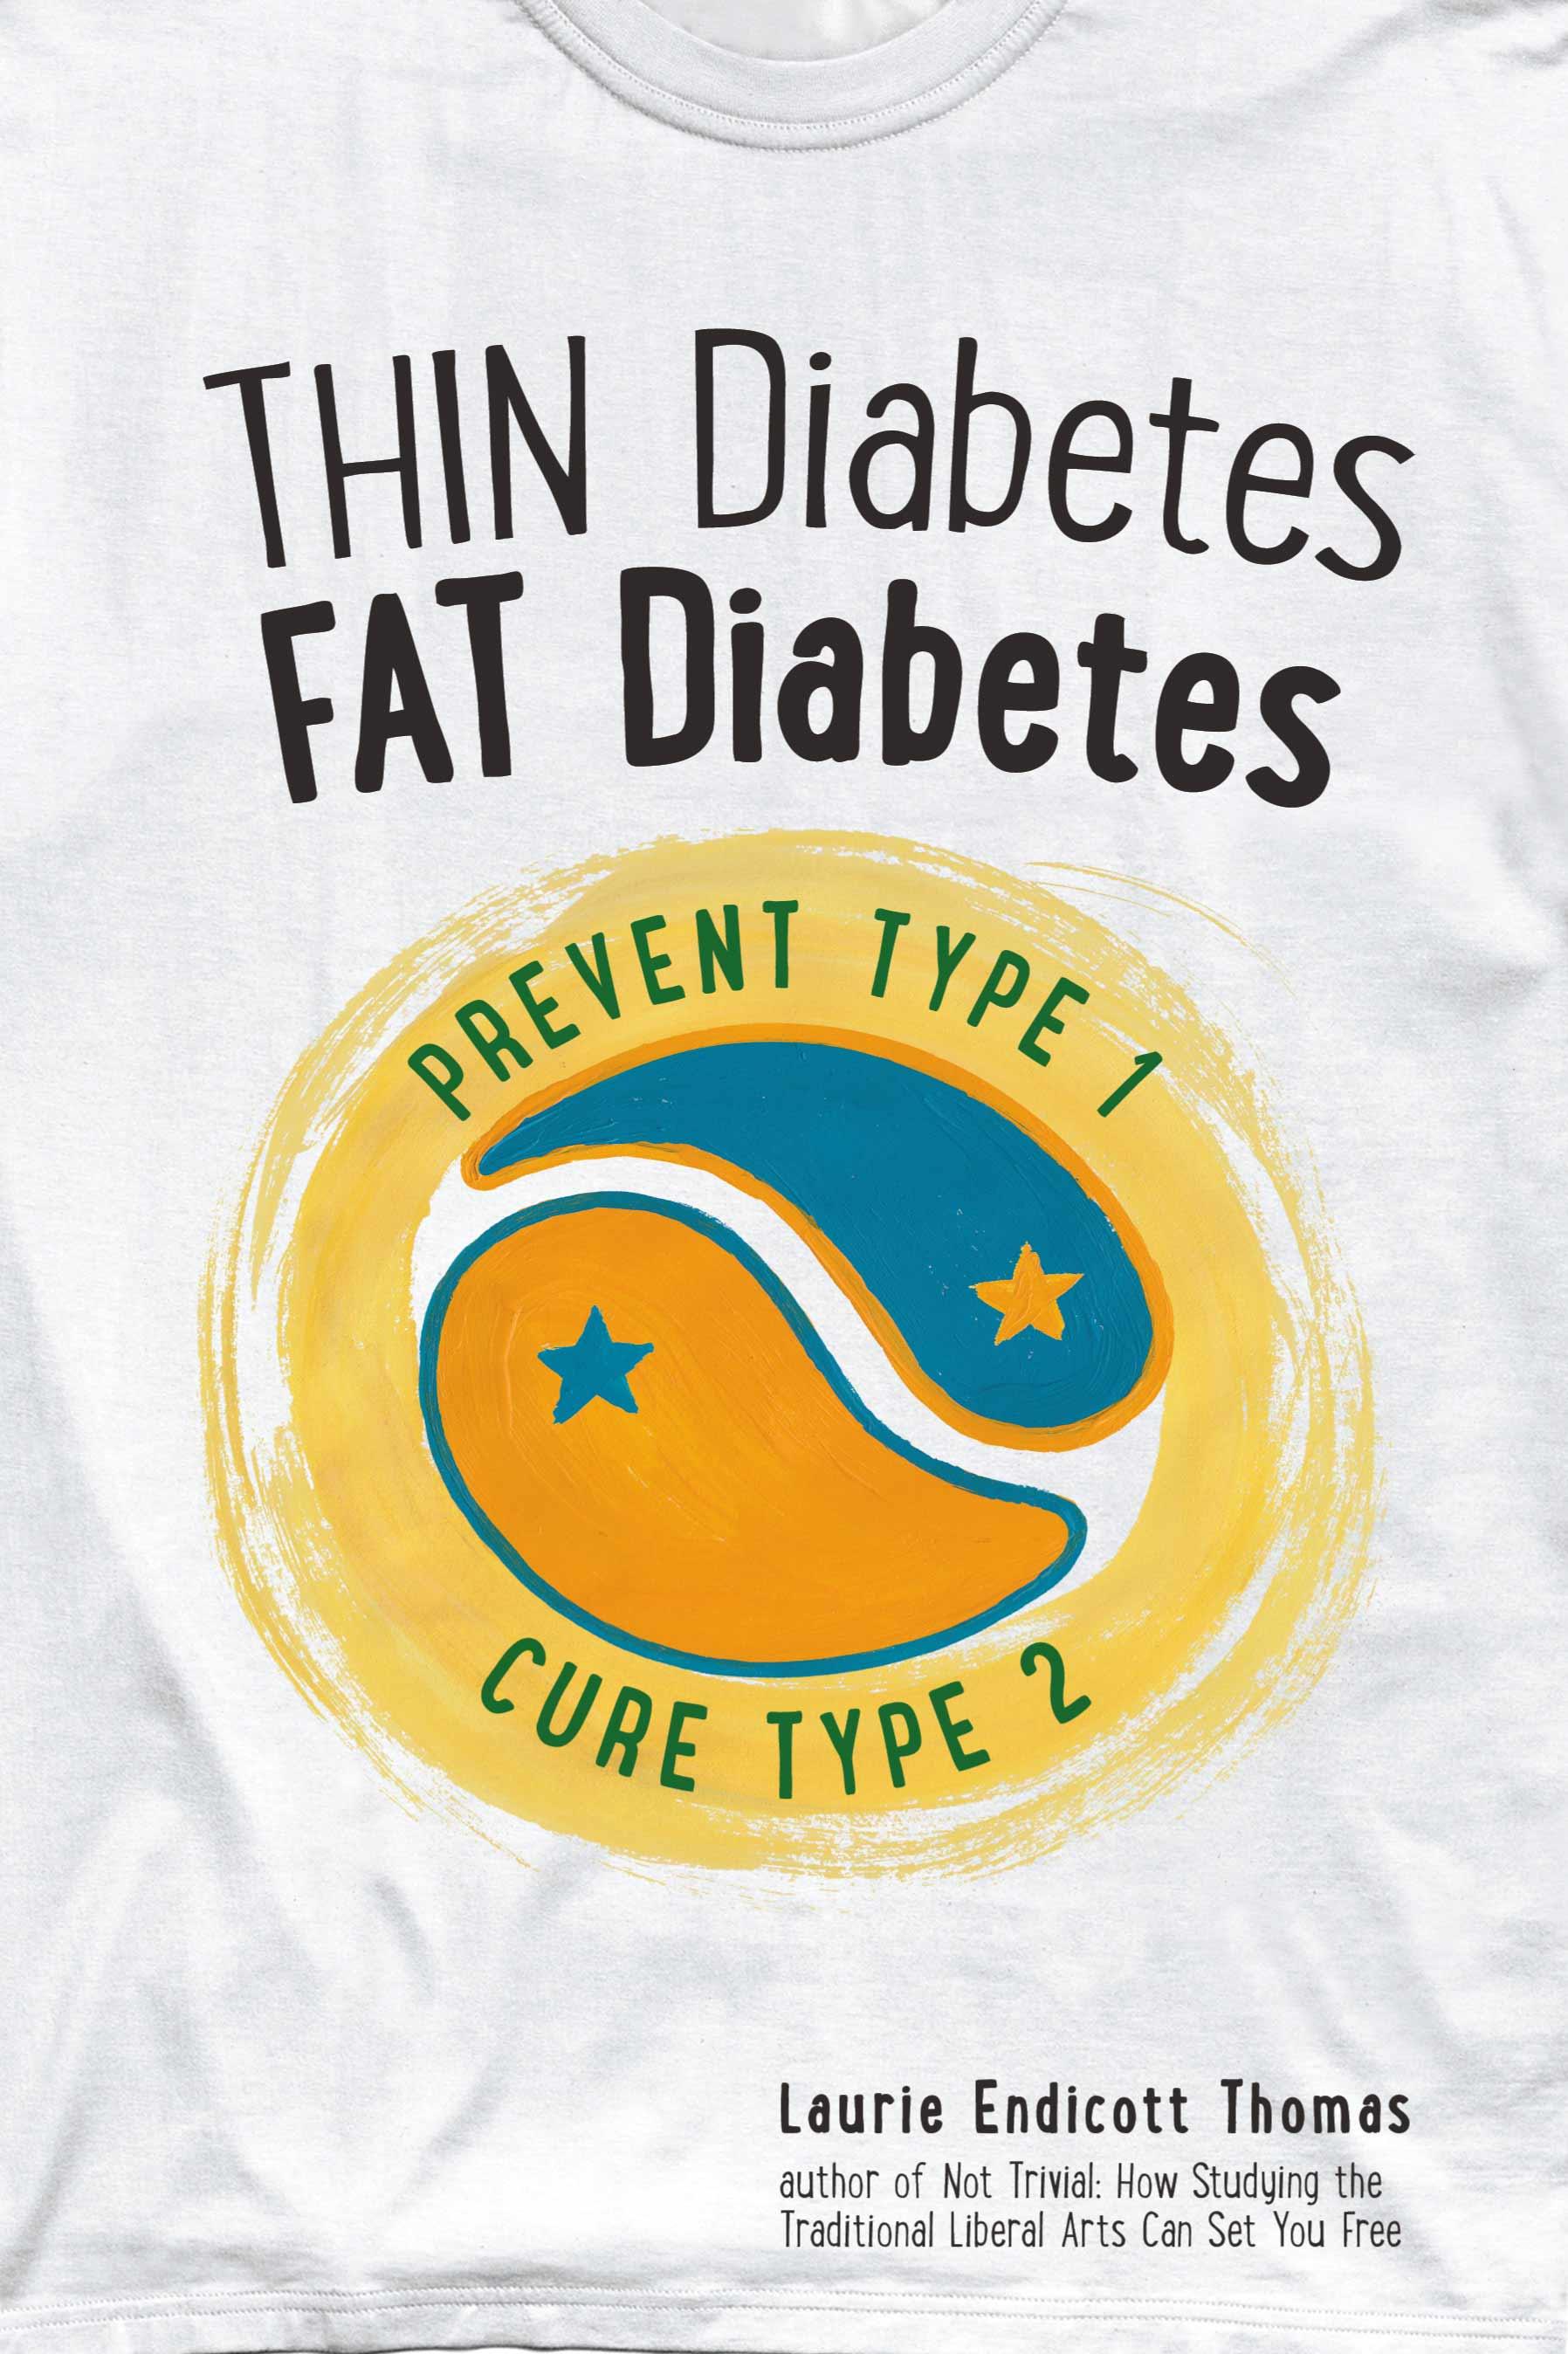 Thin Diabetes, Fat Diabetes: Prevent Type 1, Cure Type2